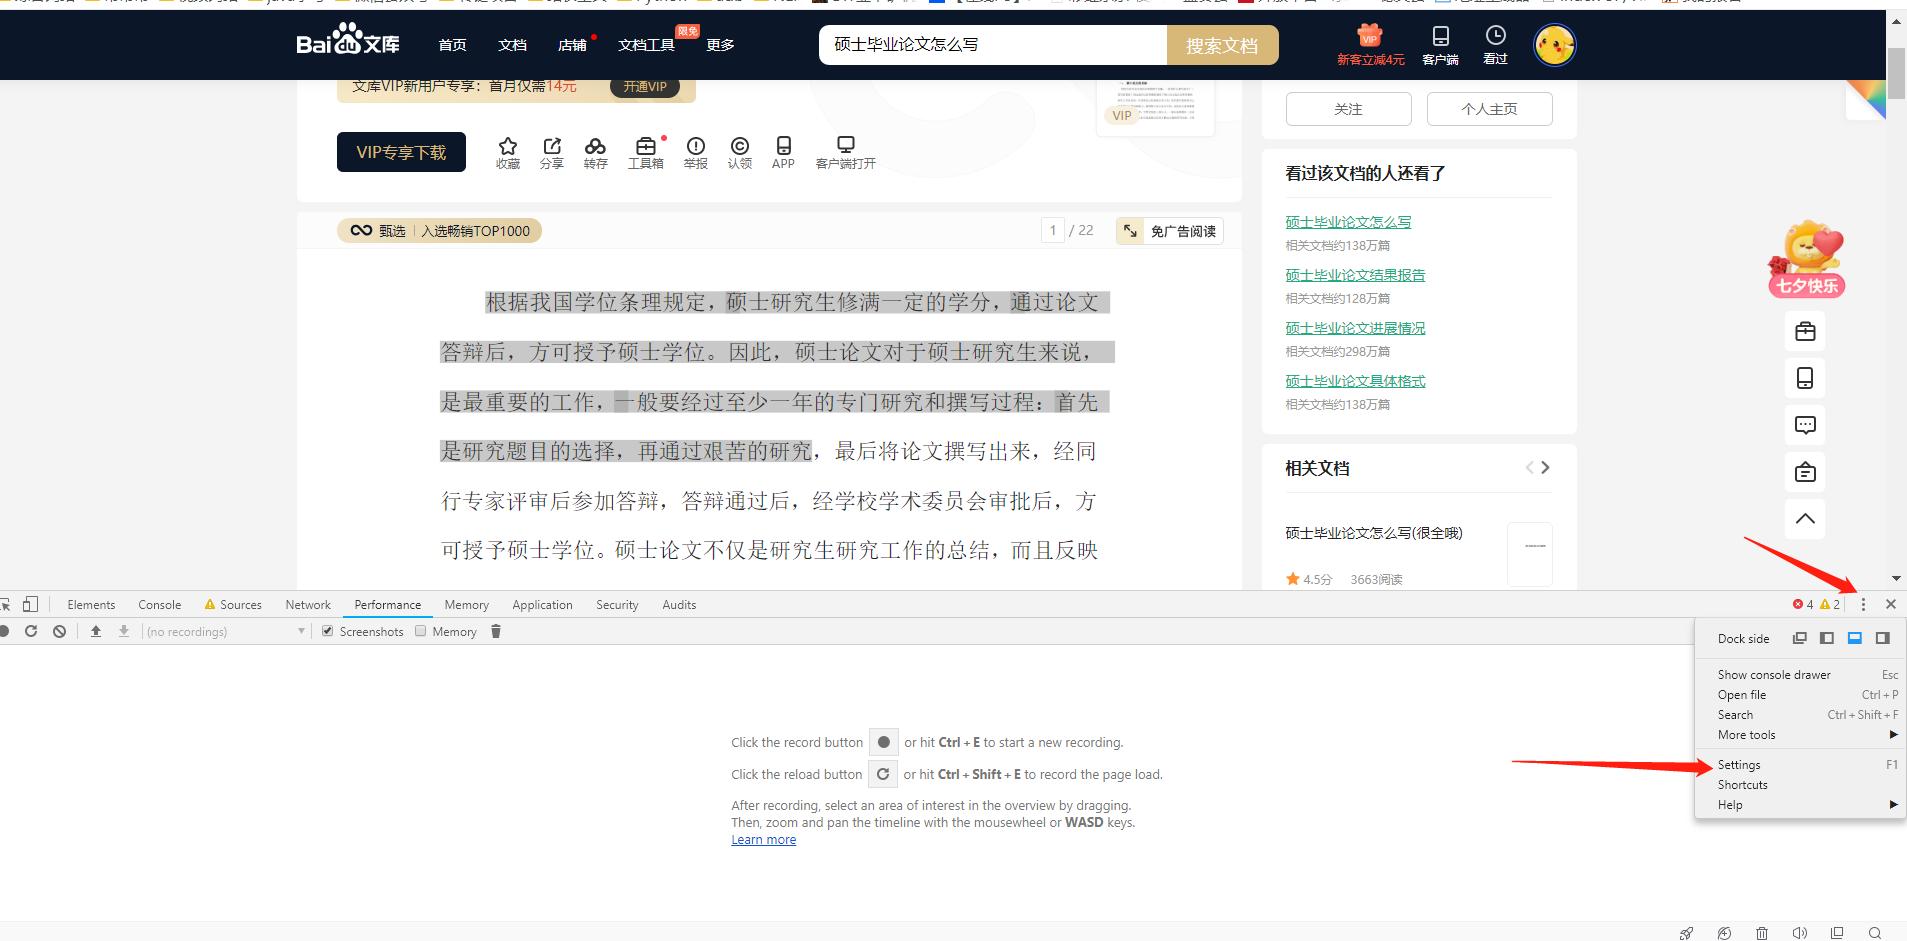 网络上所有文库复制,屏蔽js即可